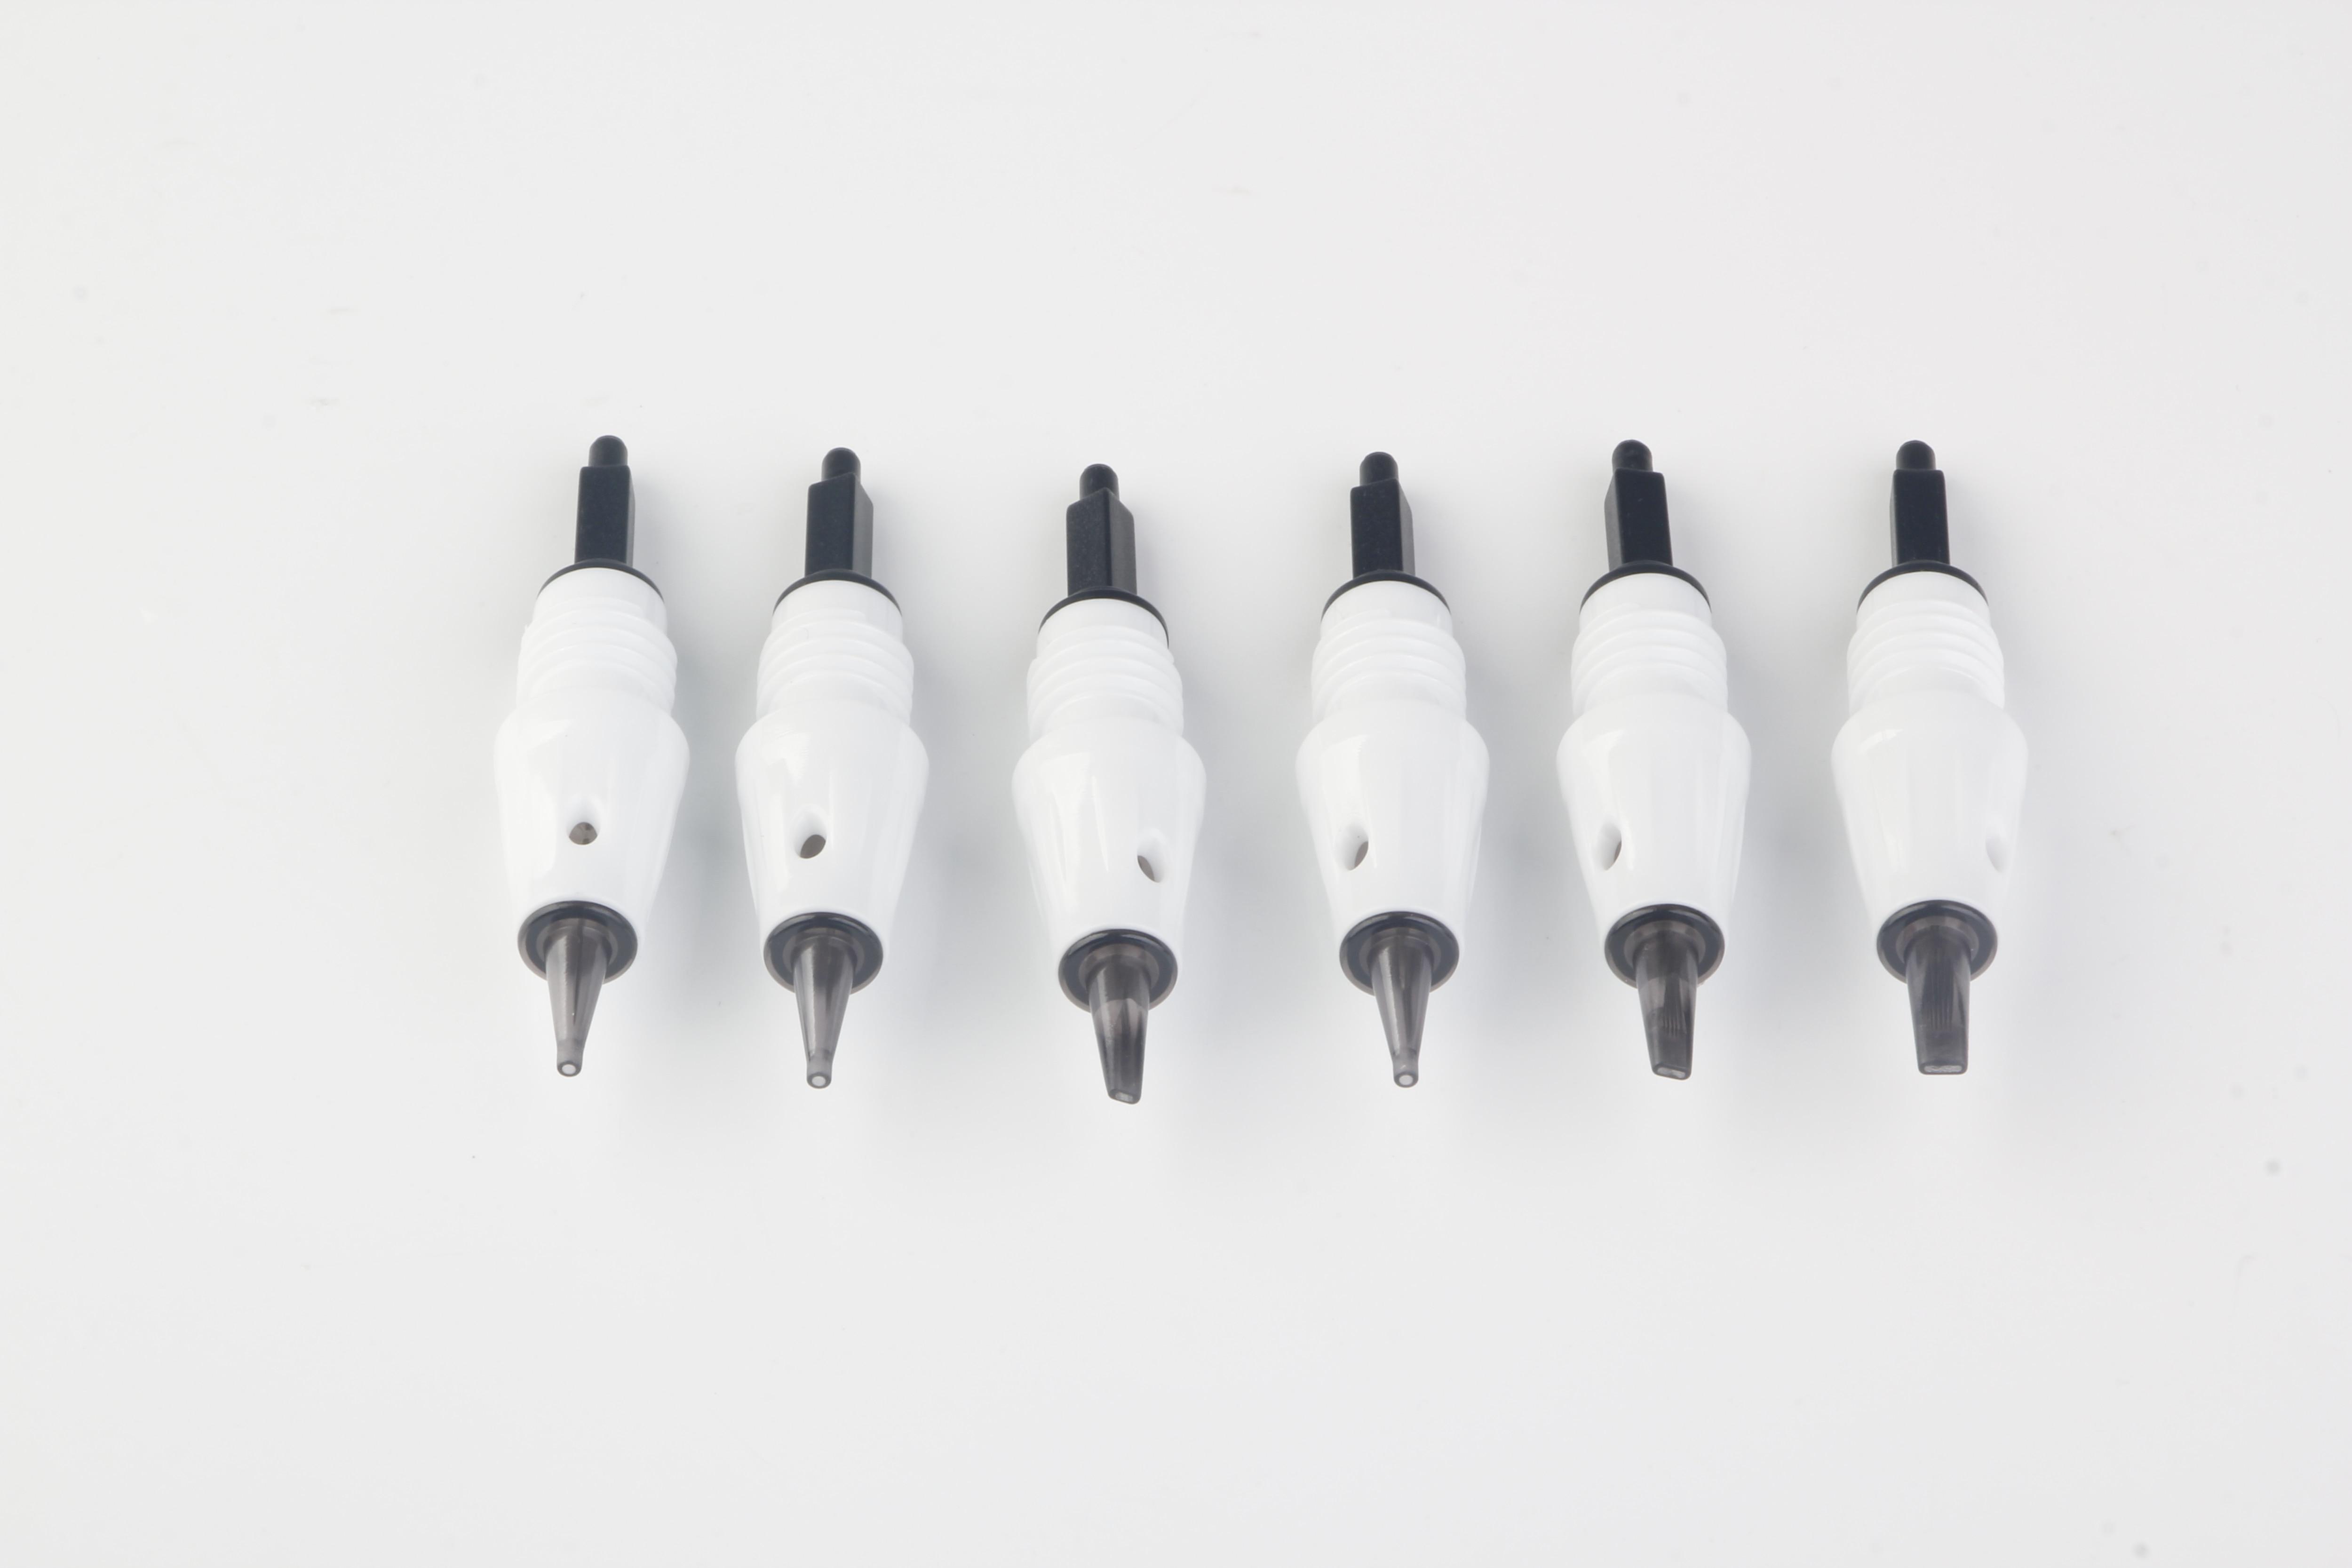 Тату ручка Дерма иглы картридж Artmex V6/8/9/11 иглы и нано МТС микроиглы